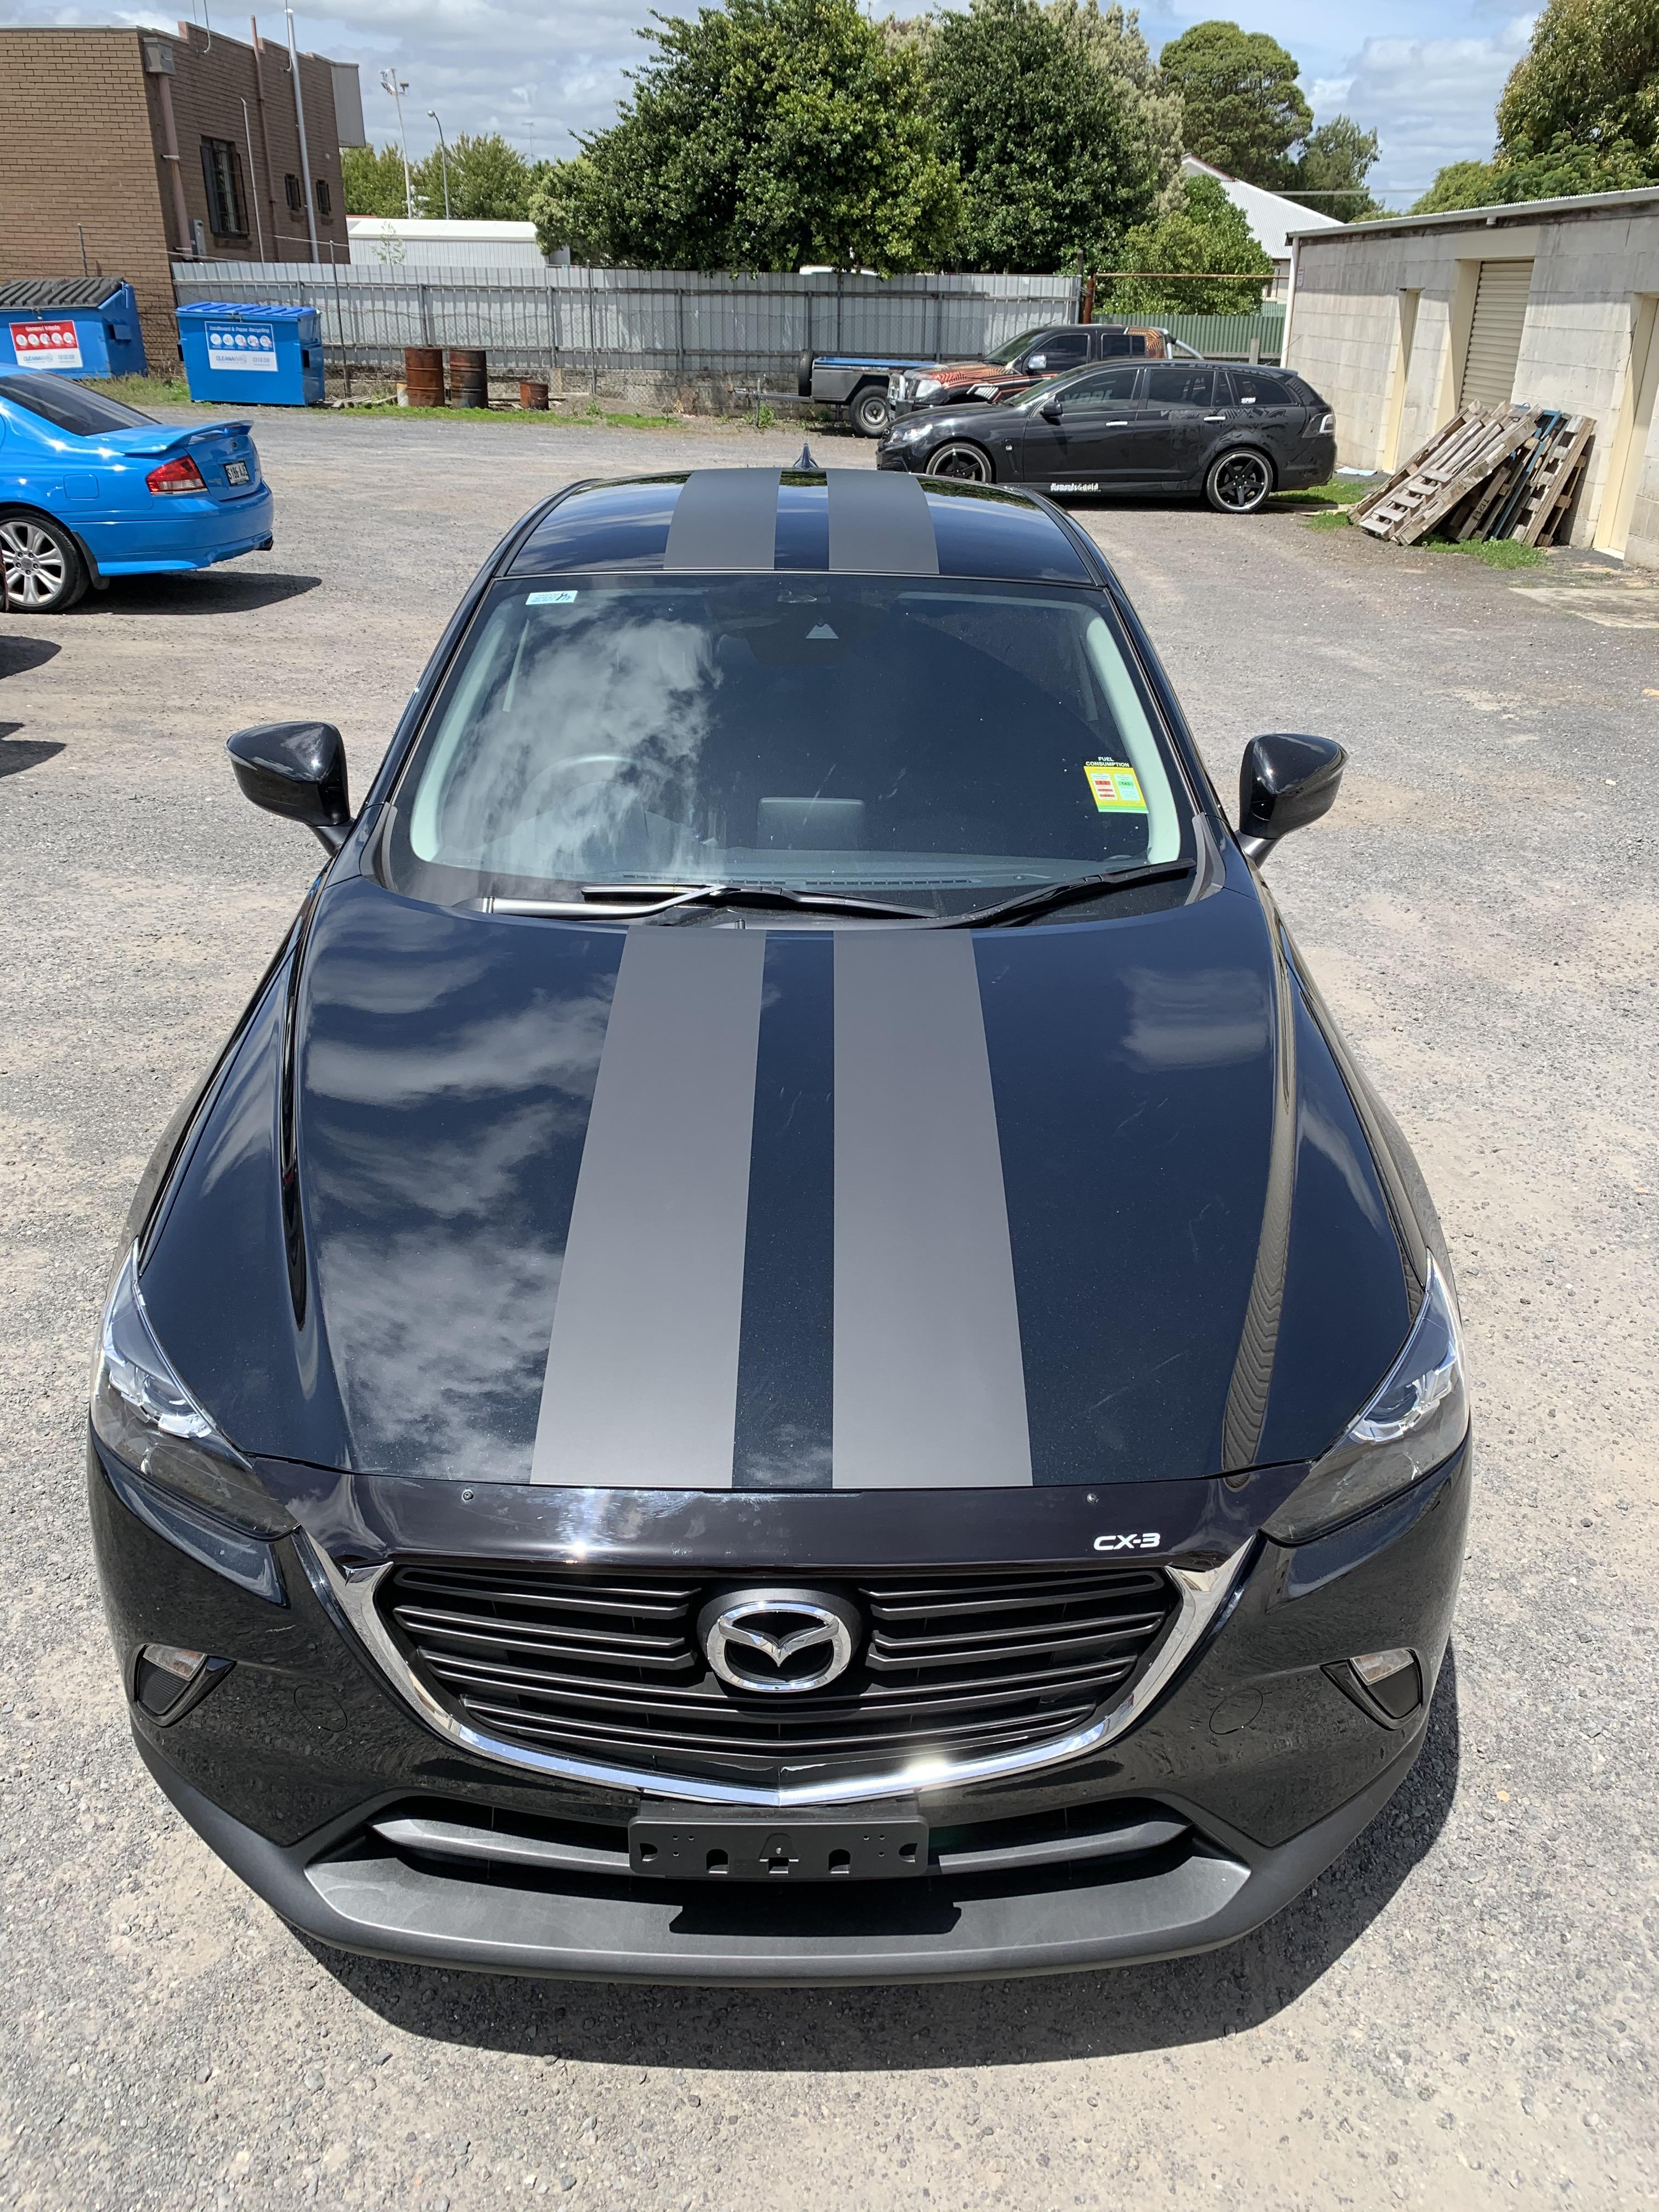 Mazda CX3 Racing Stripes